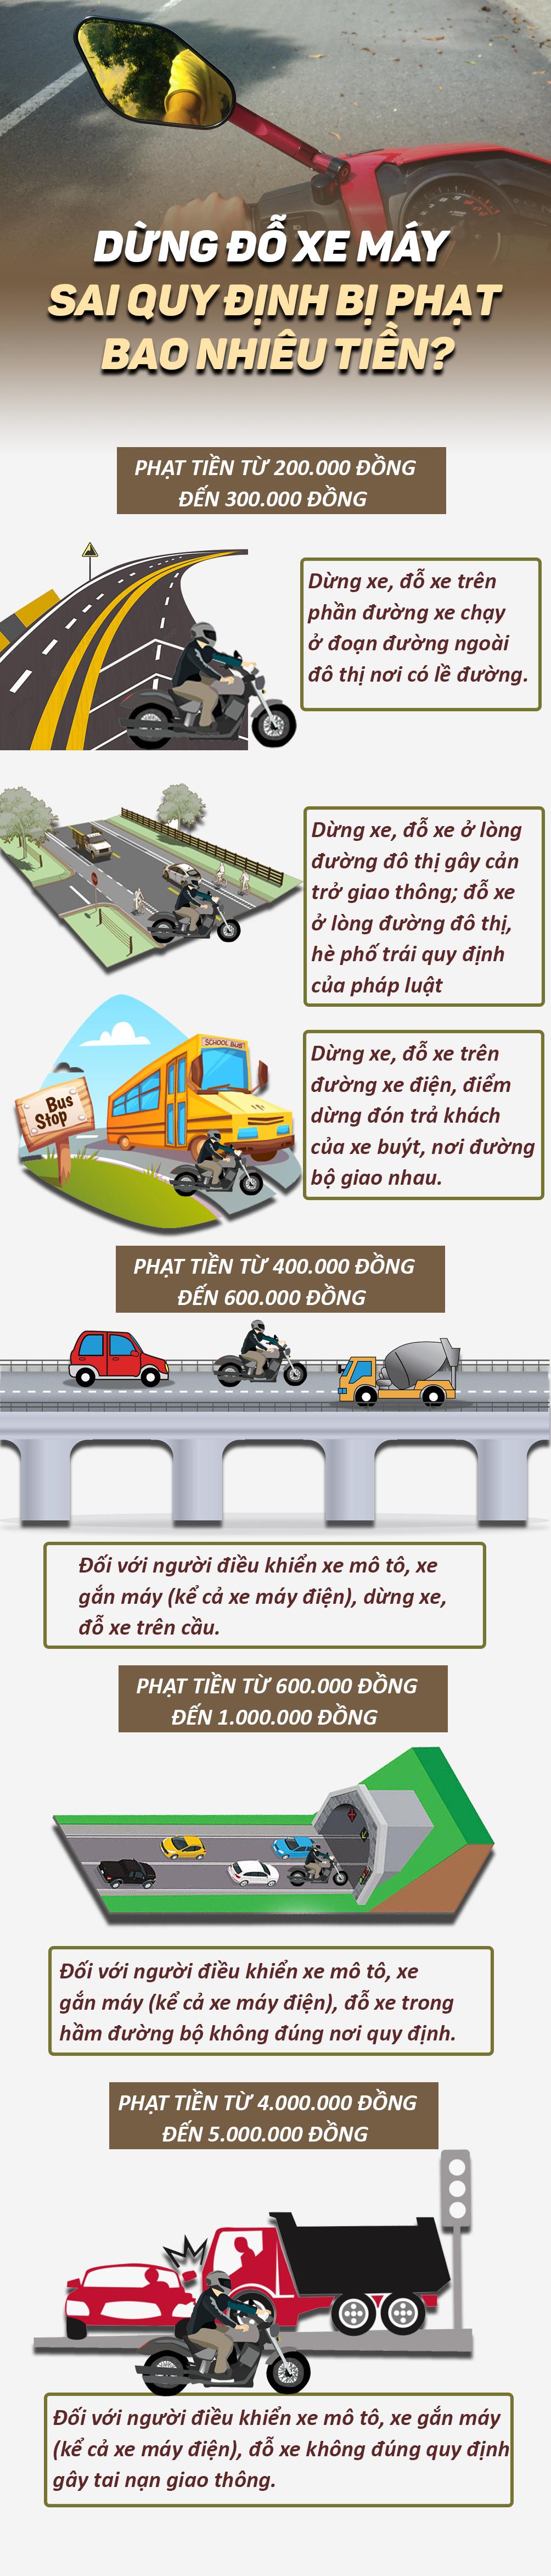 Dừng đỗ xe máy sai quy định bị phạt bao nhiêu tiền? - 1